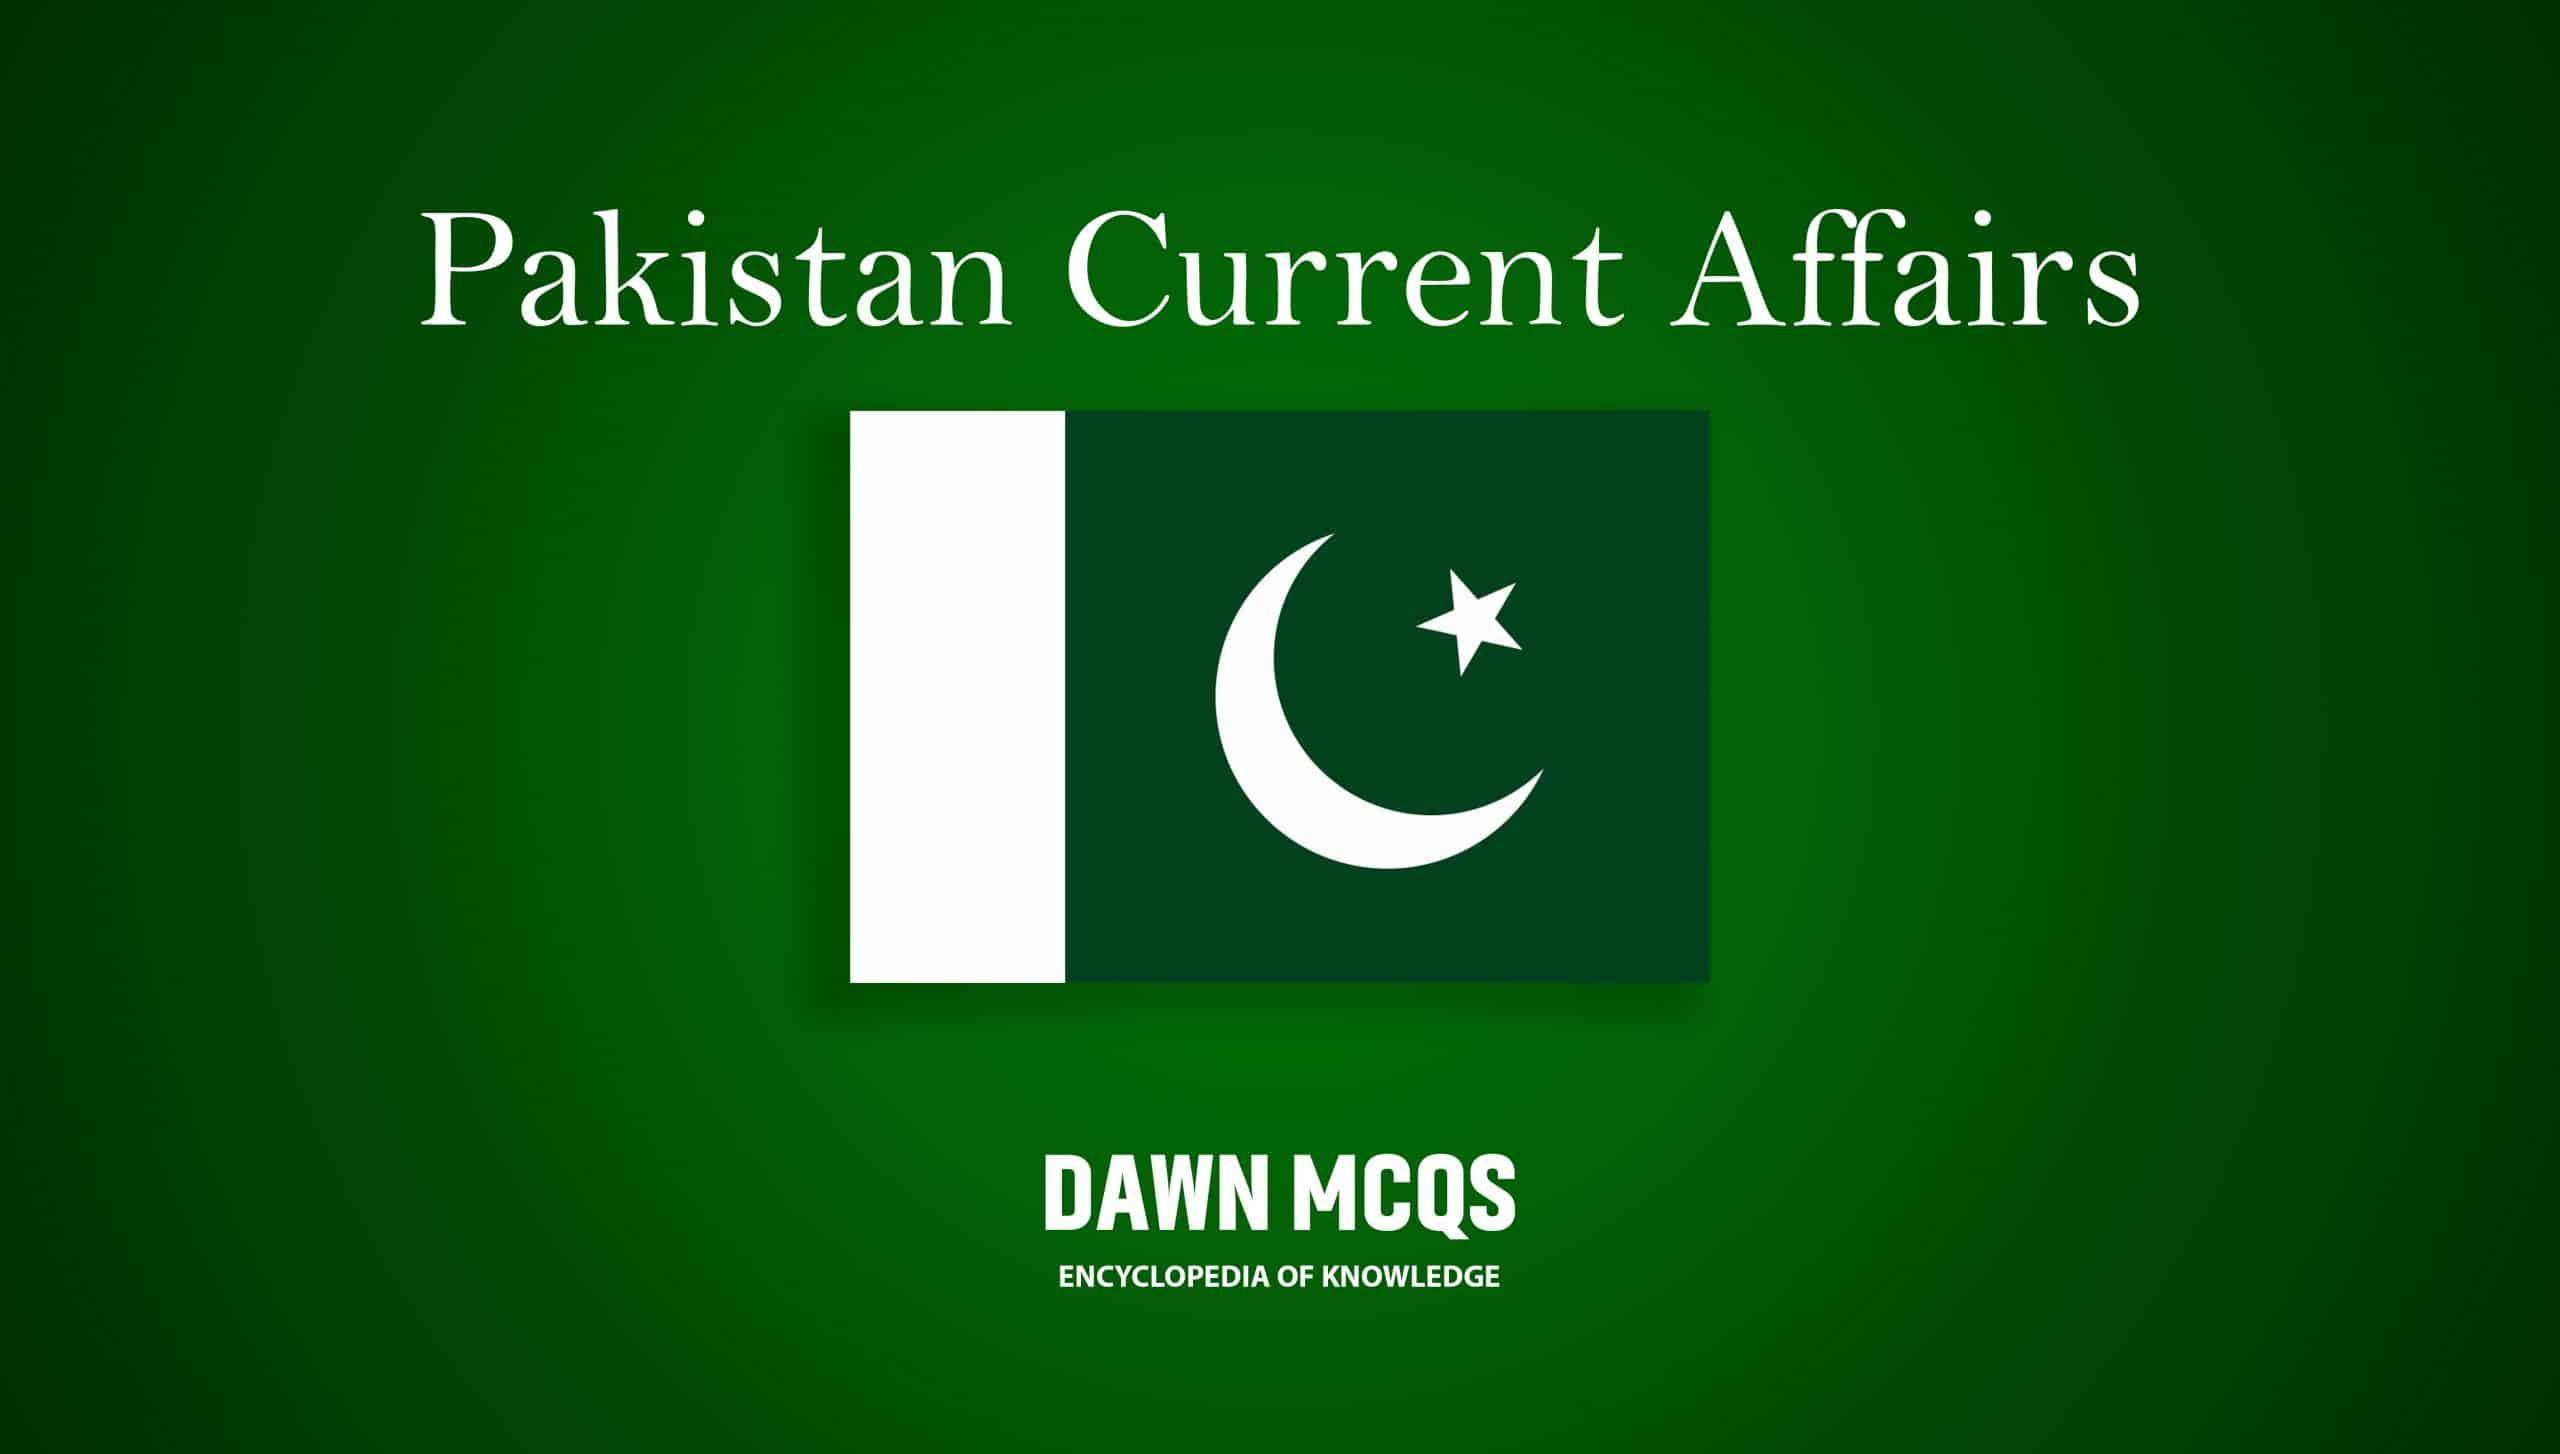 Pak Current Affairs. Current Affairs mcqs